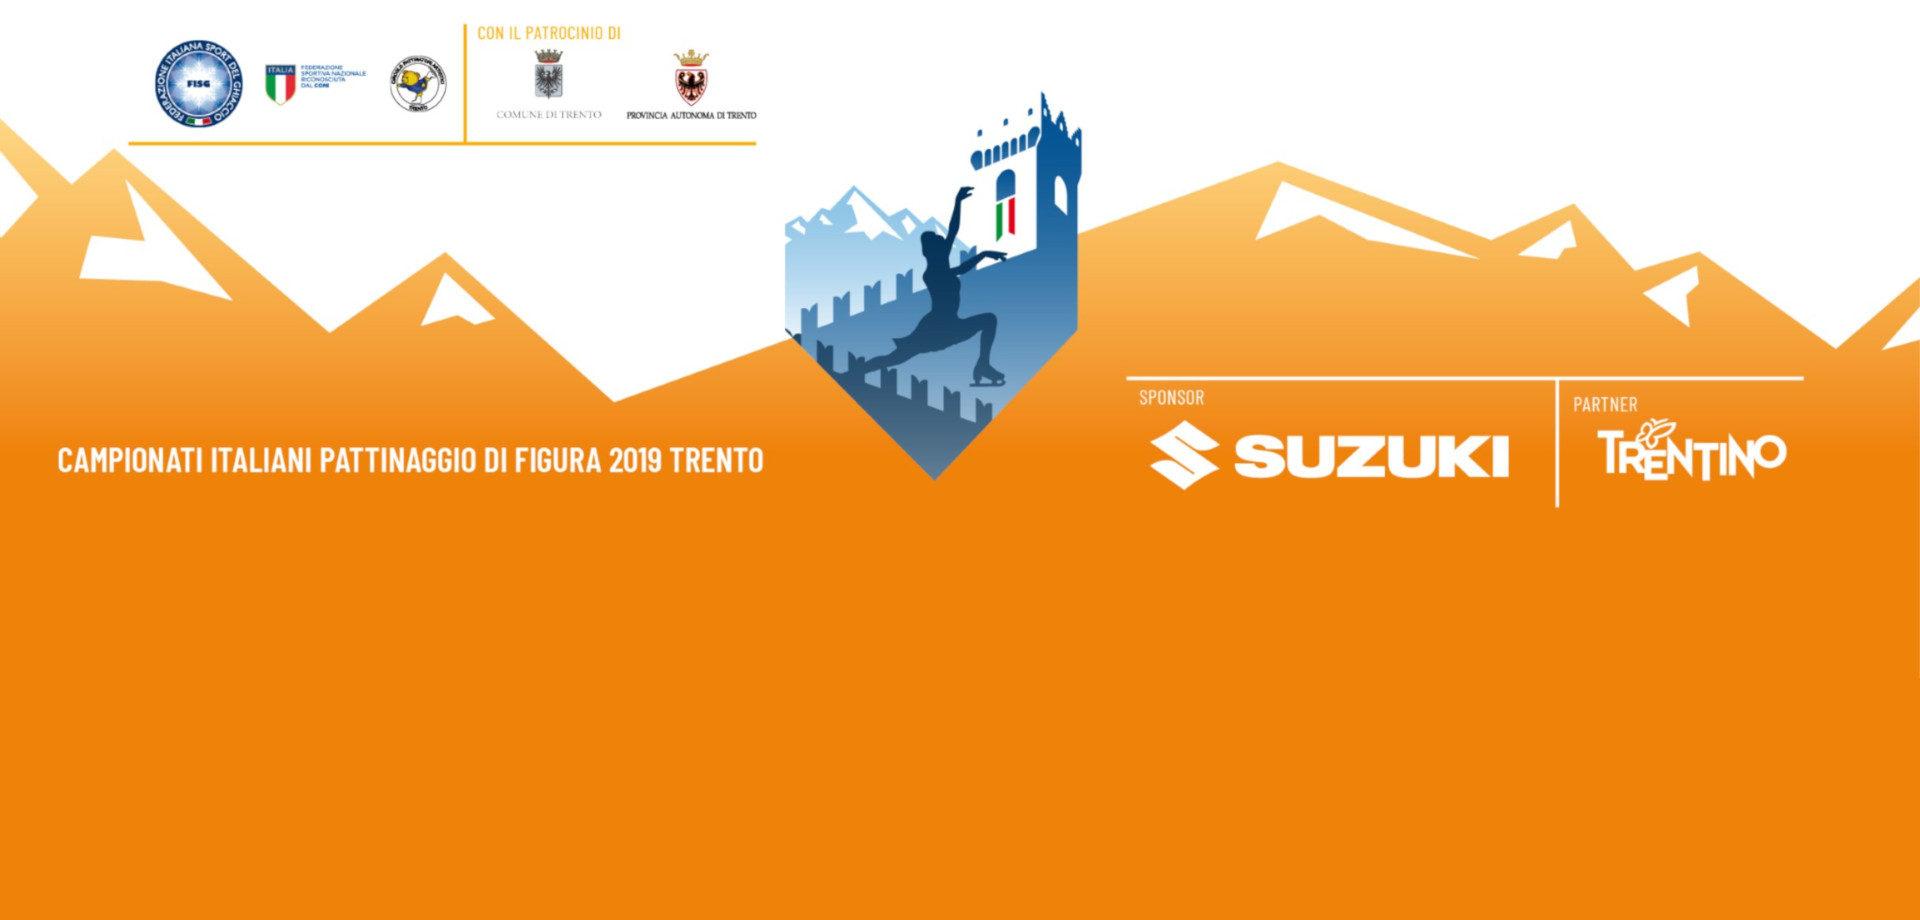 CAMPIONATI ITALIANI PATTINAGGIO DI FIGURA 2019